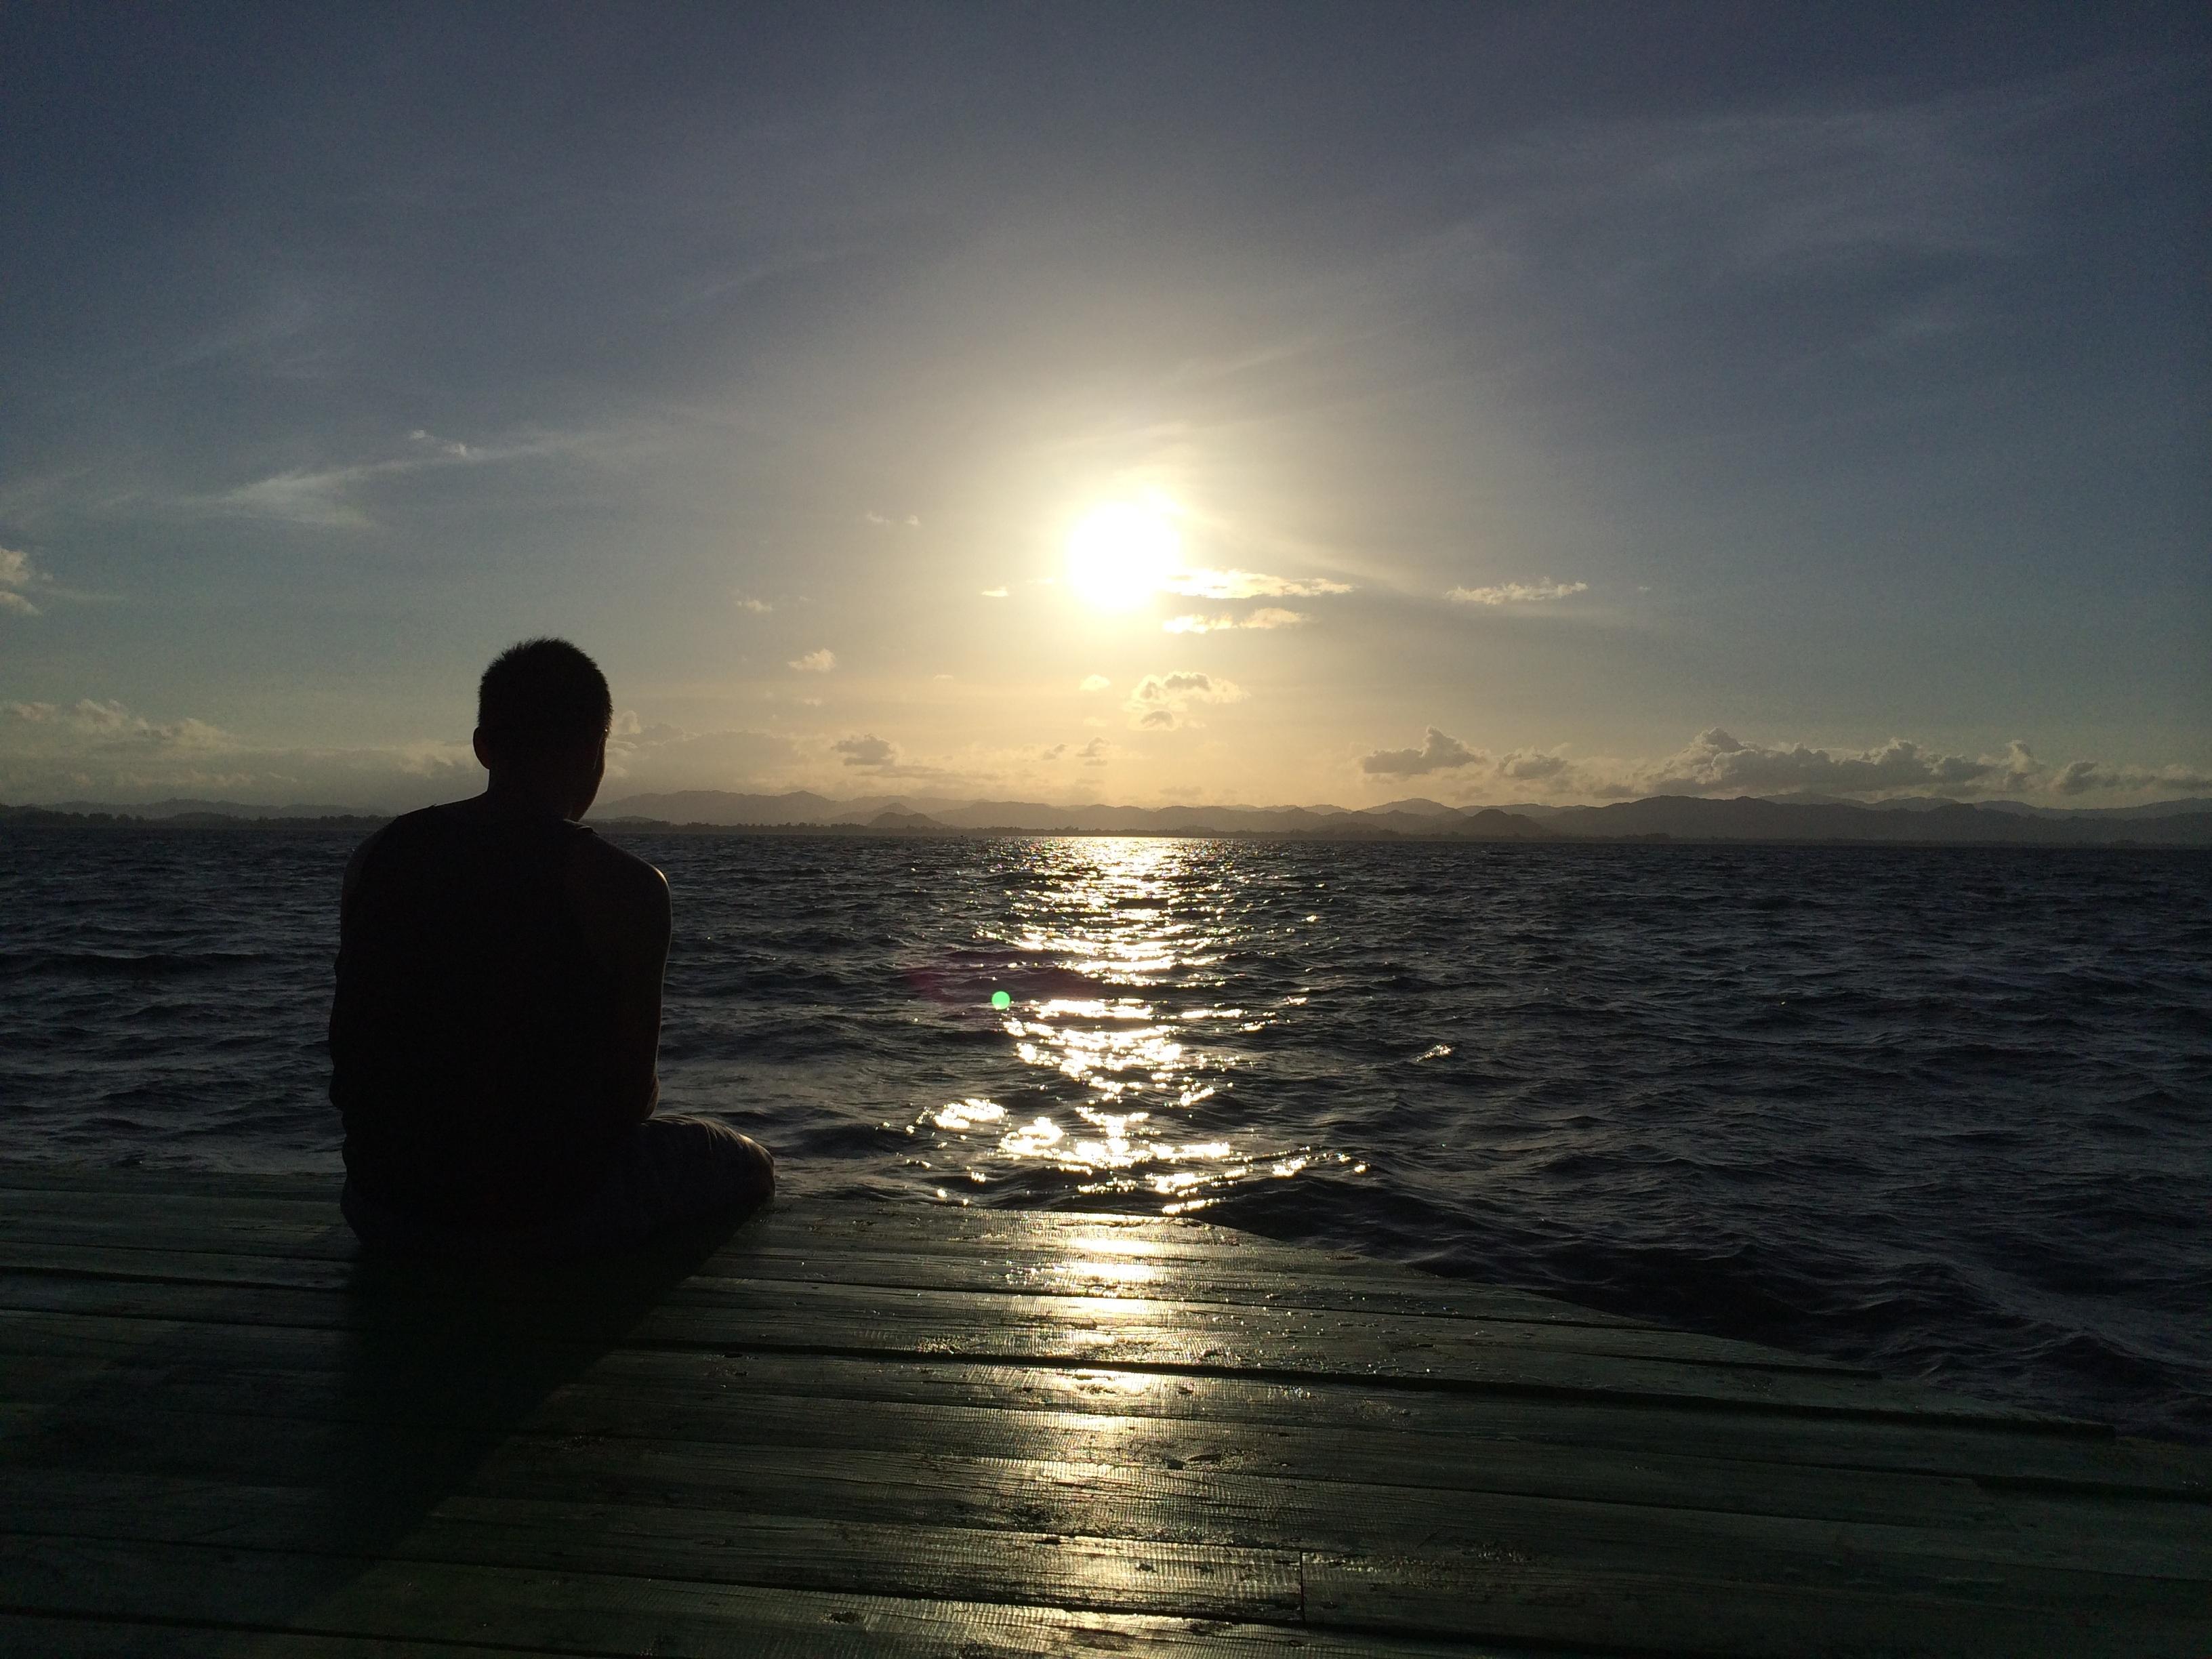 картинки парень сидит один на берегу моря среднепоздний подходит для